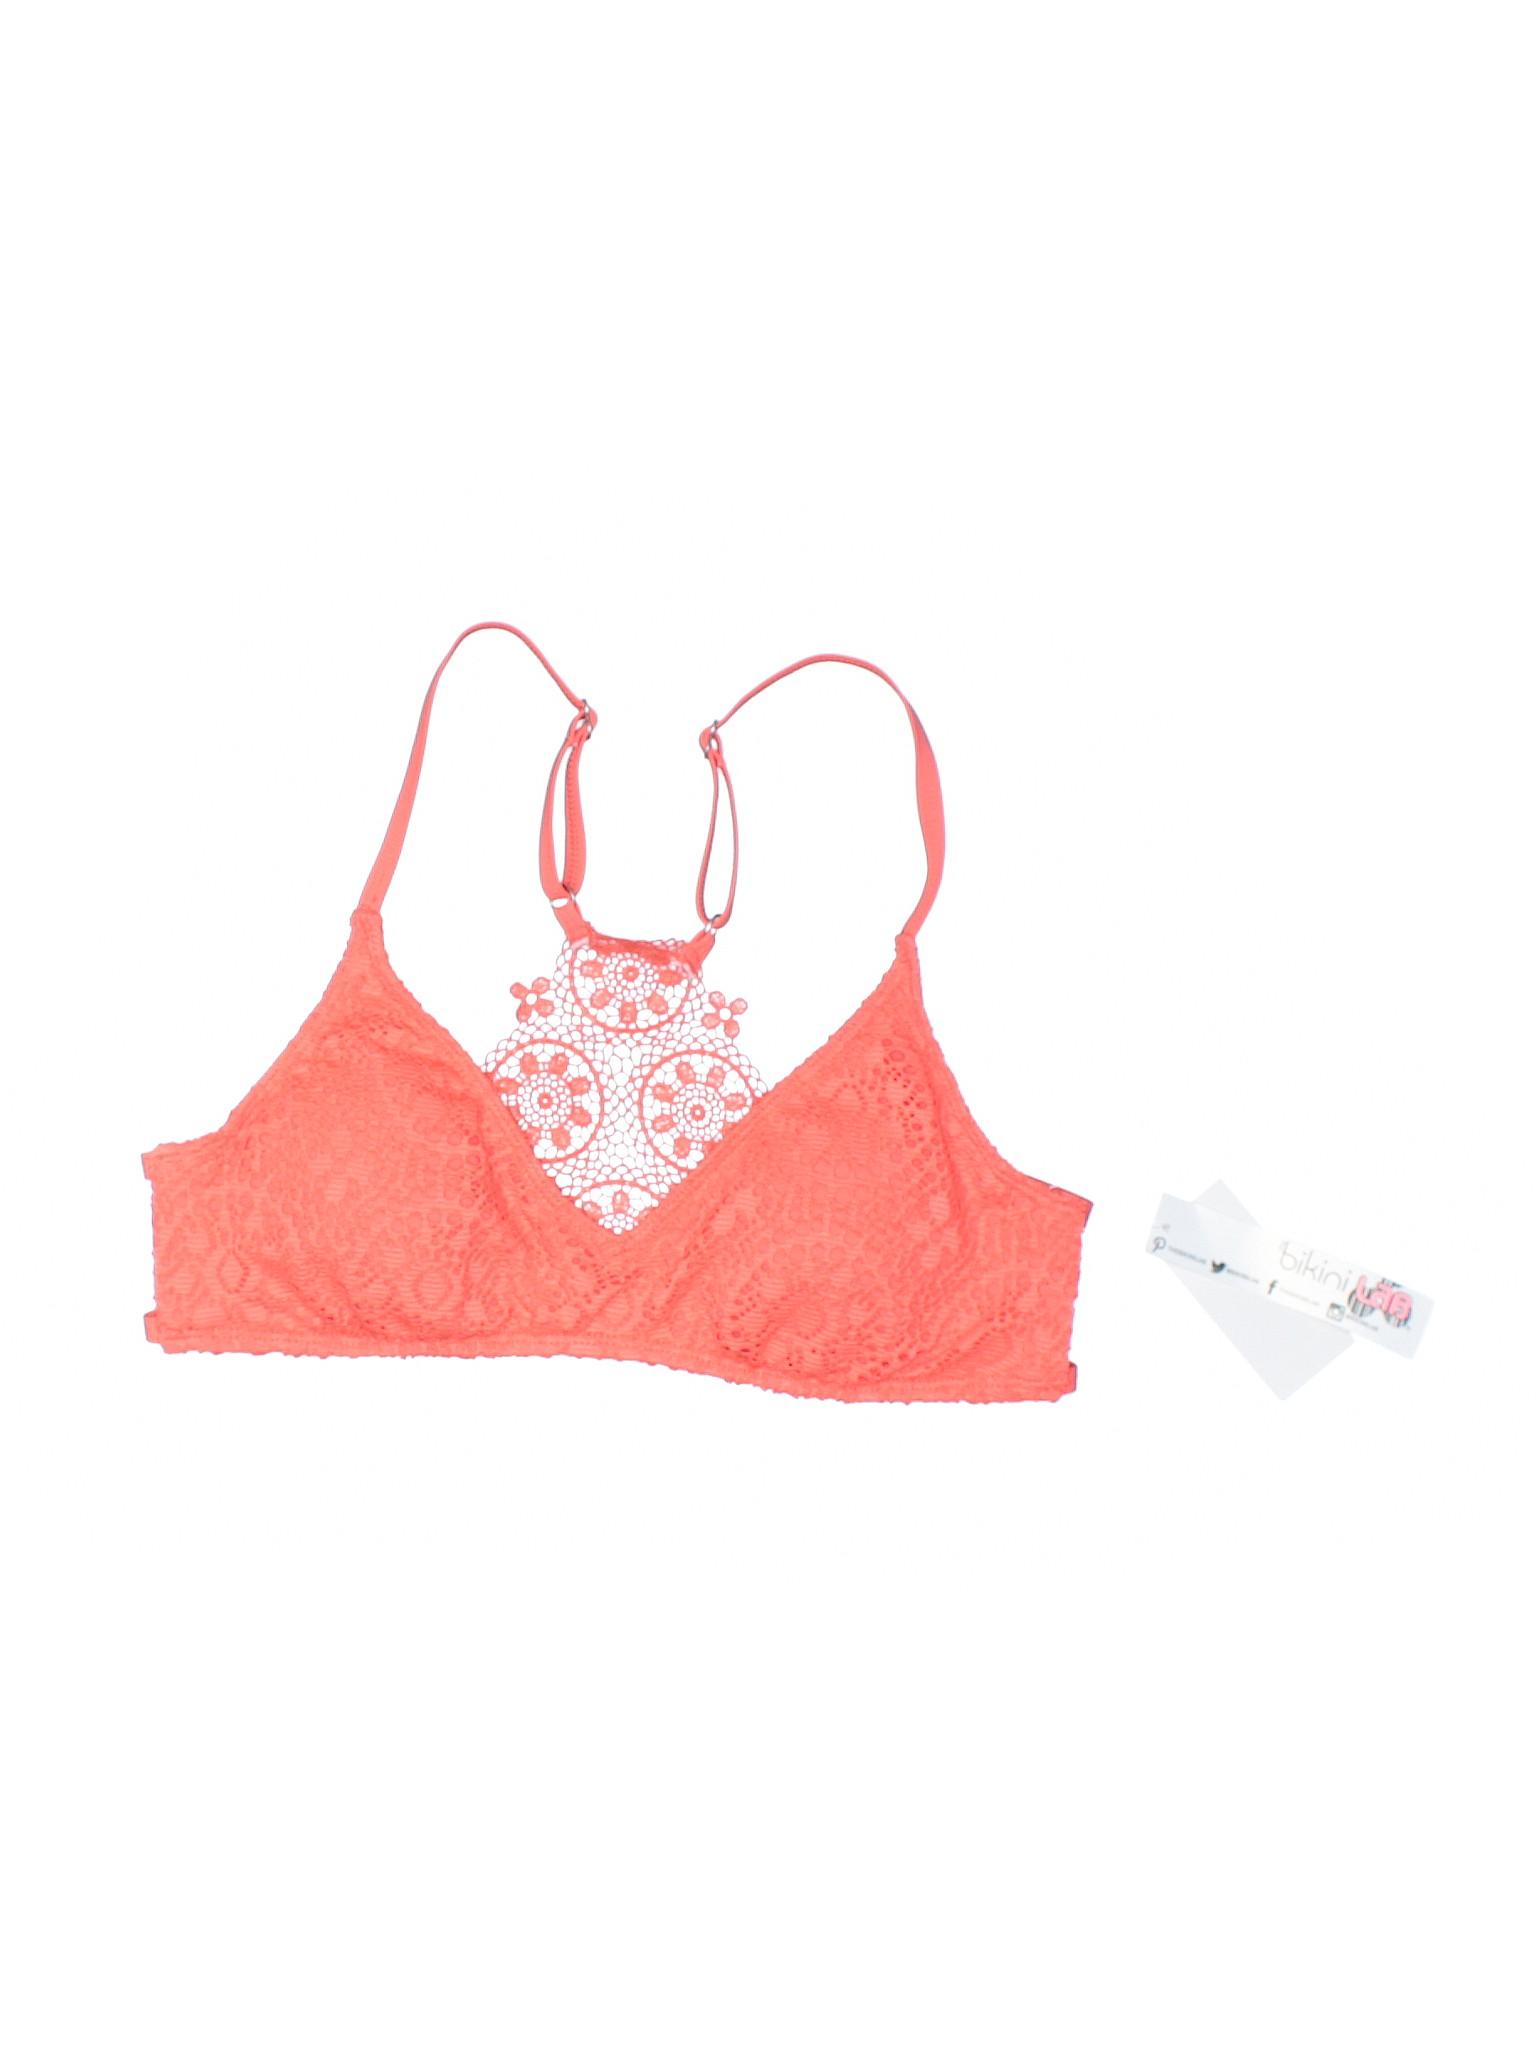 Bikini Lab Boutique Boutique Swimsuit Swimsuit Lab Bikini Top Bikini Top Boutique Enp4xq7